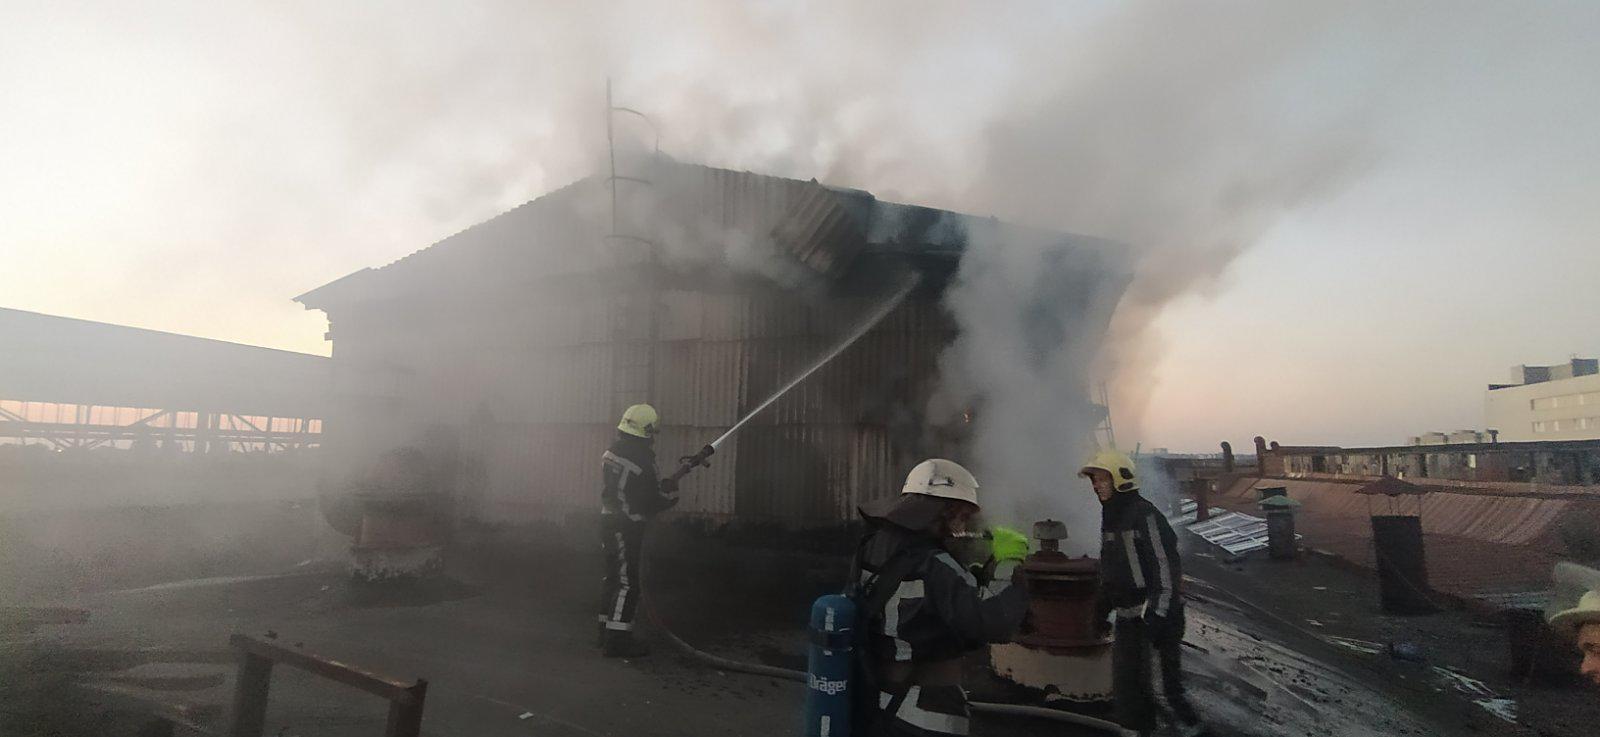 У Білій Церкві загорівся колишній завод «Білоцерківмаз» - пожежа, Біла Церква - 13viber